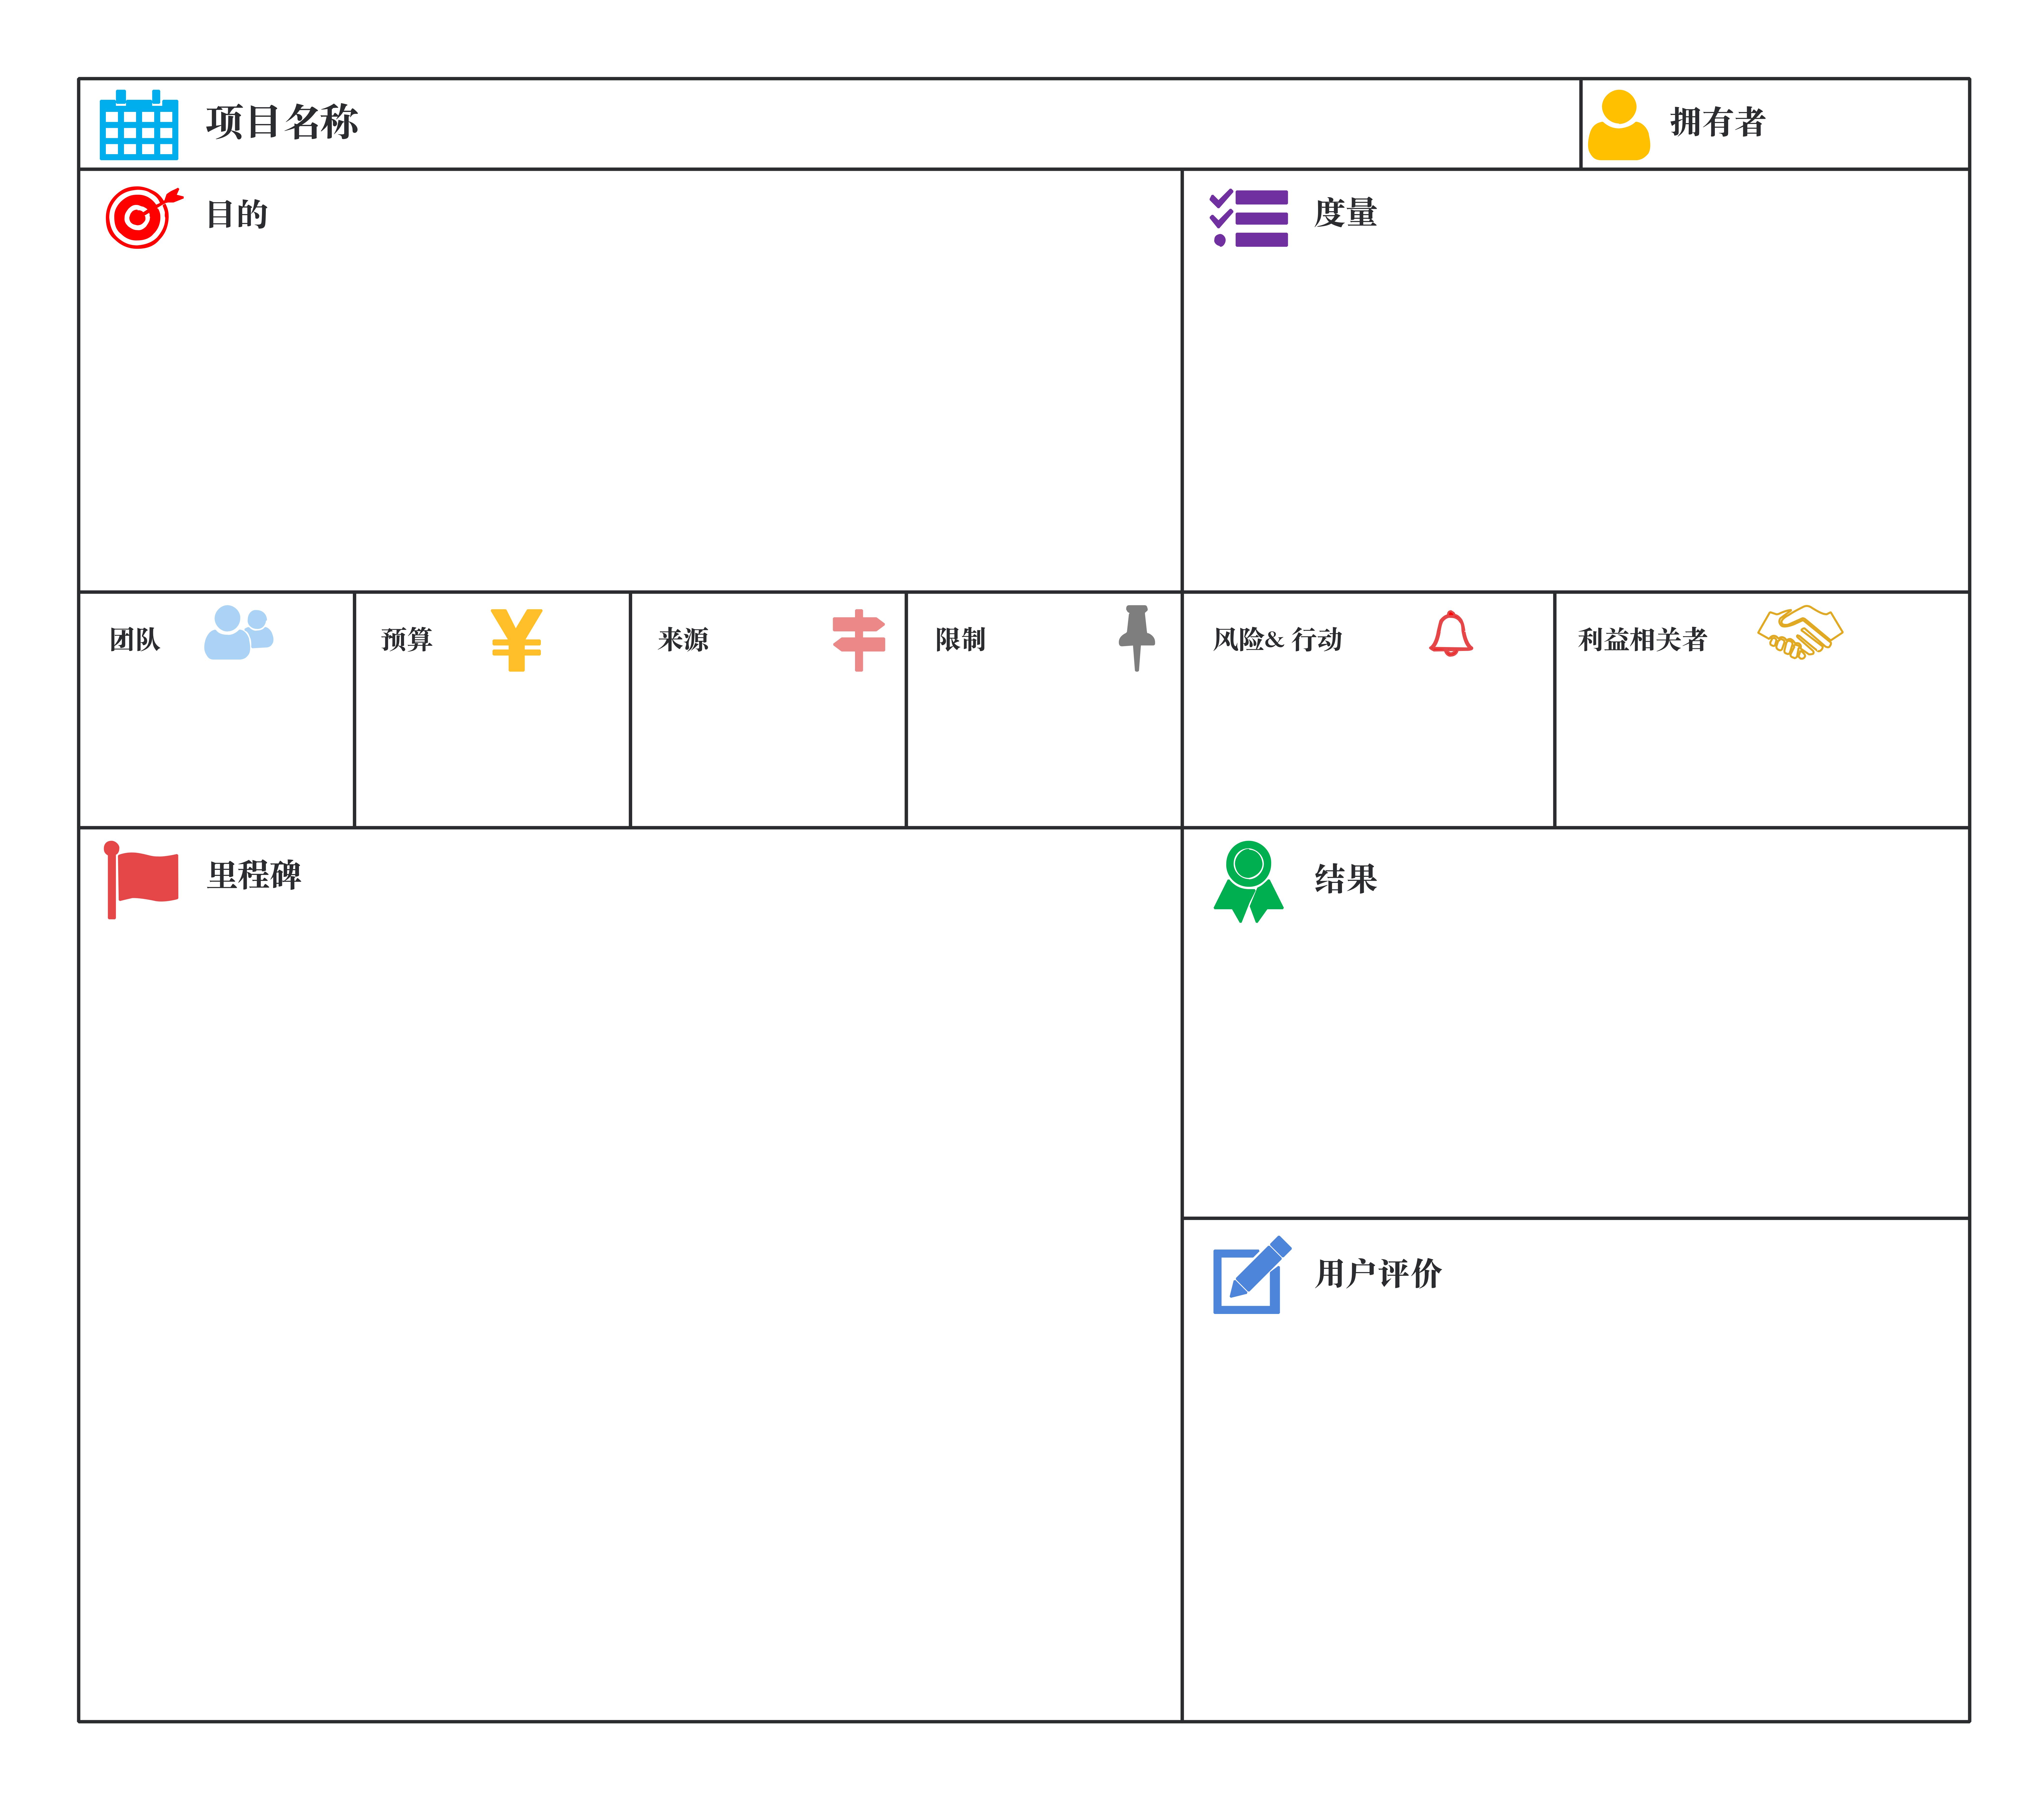 团队管理画布例图